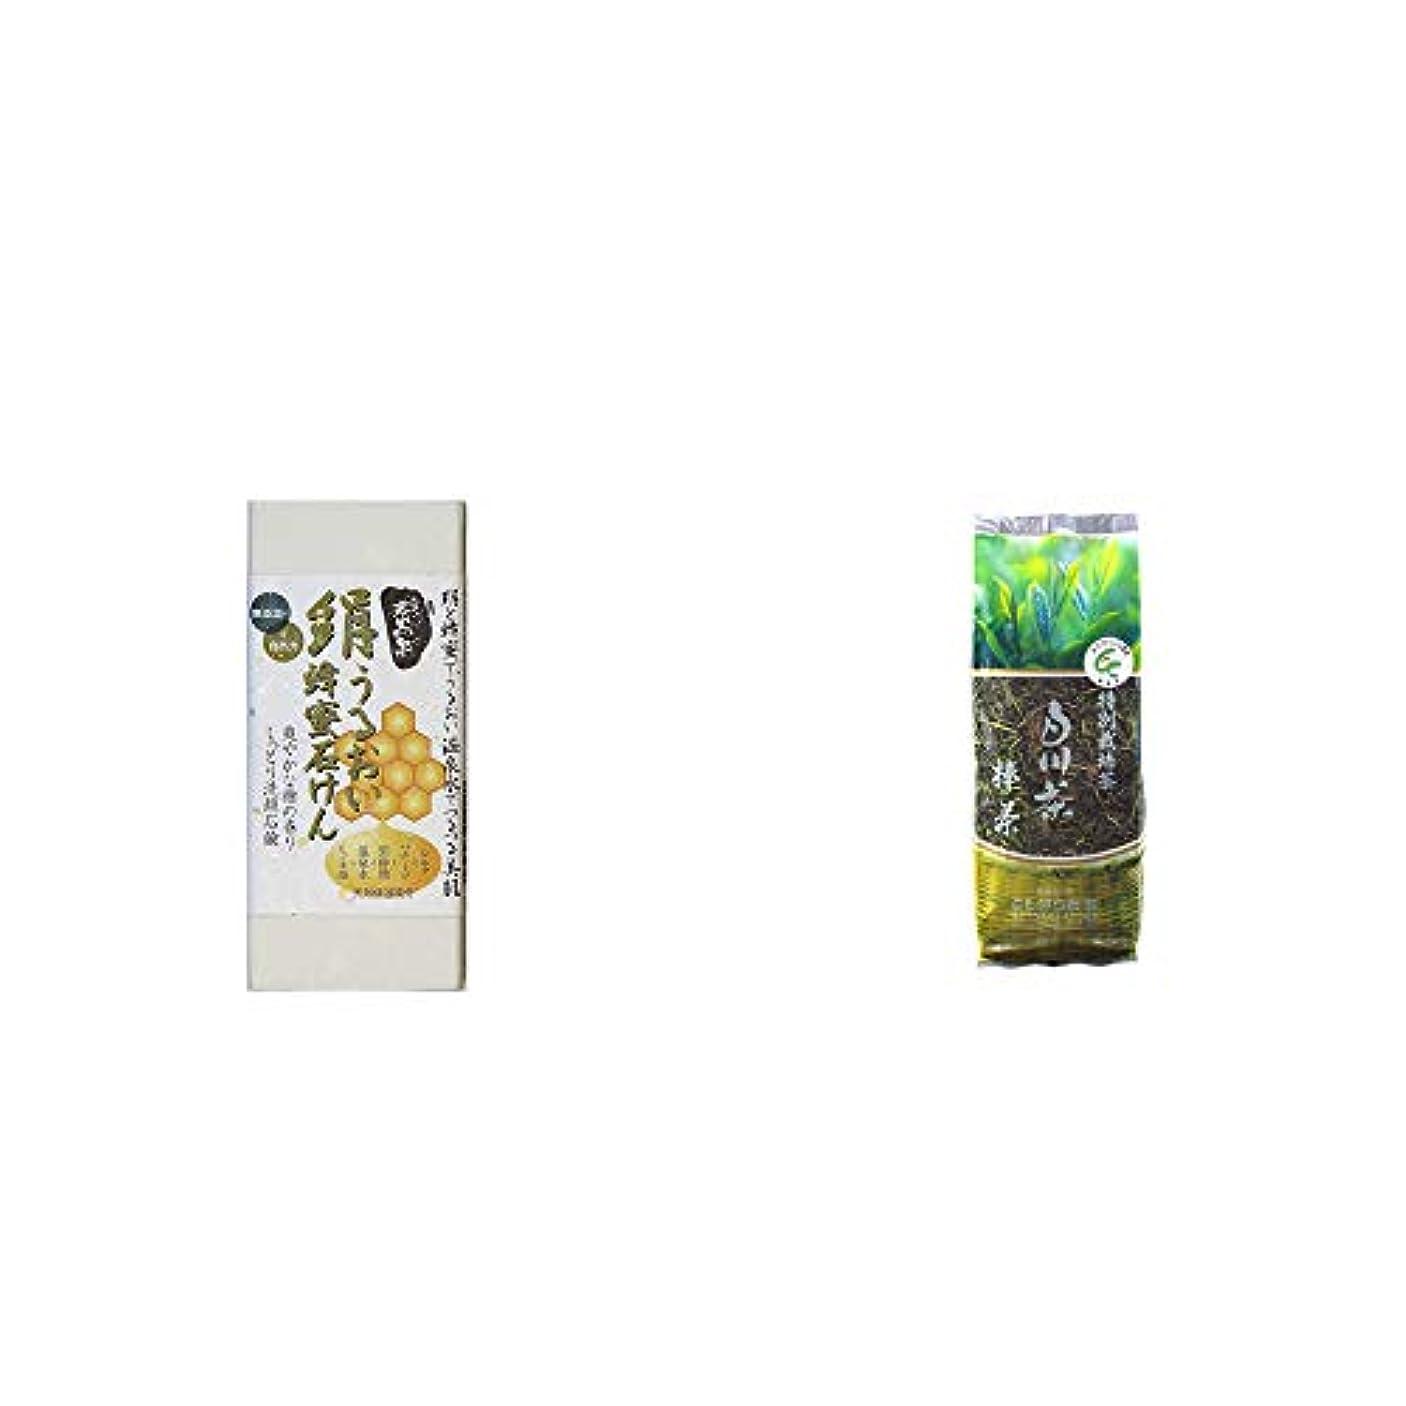 十分ではない立証する人[2点セット] ひのき炭黒泉 絹うるおい蜂蜜石けん(75g×2)?白川茶 特別栽培茶【棒茶】(150g)